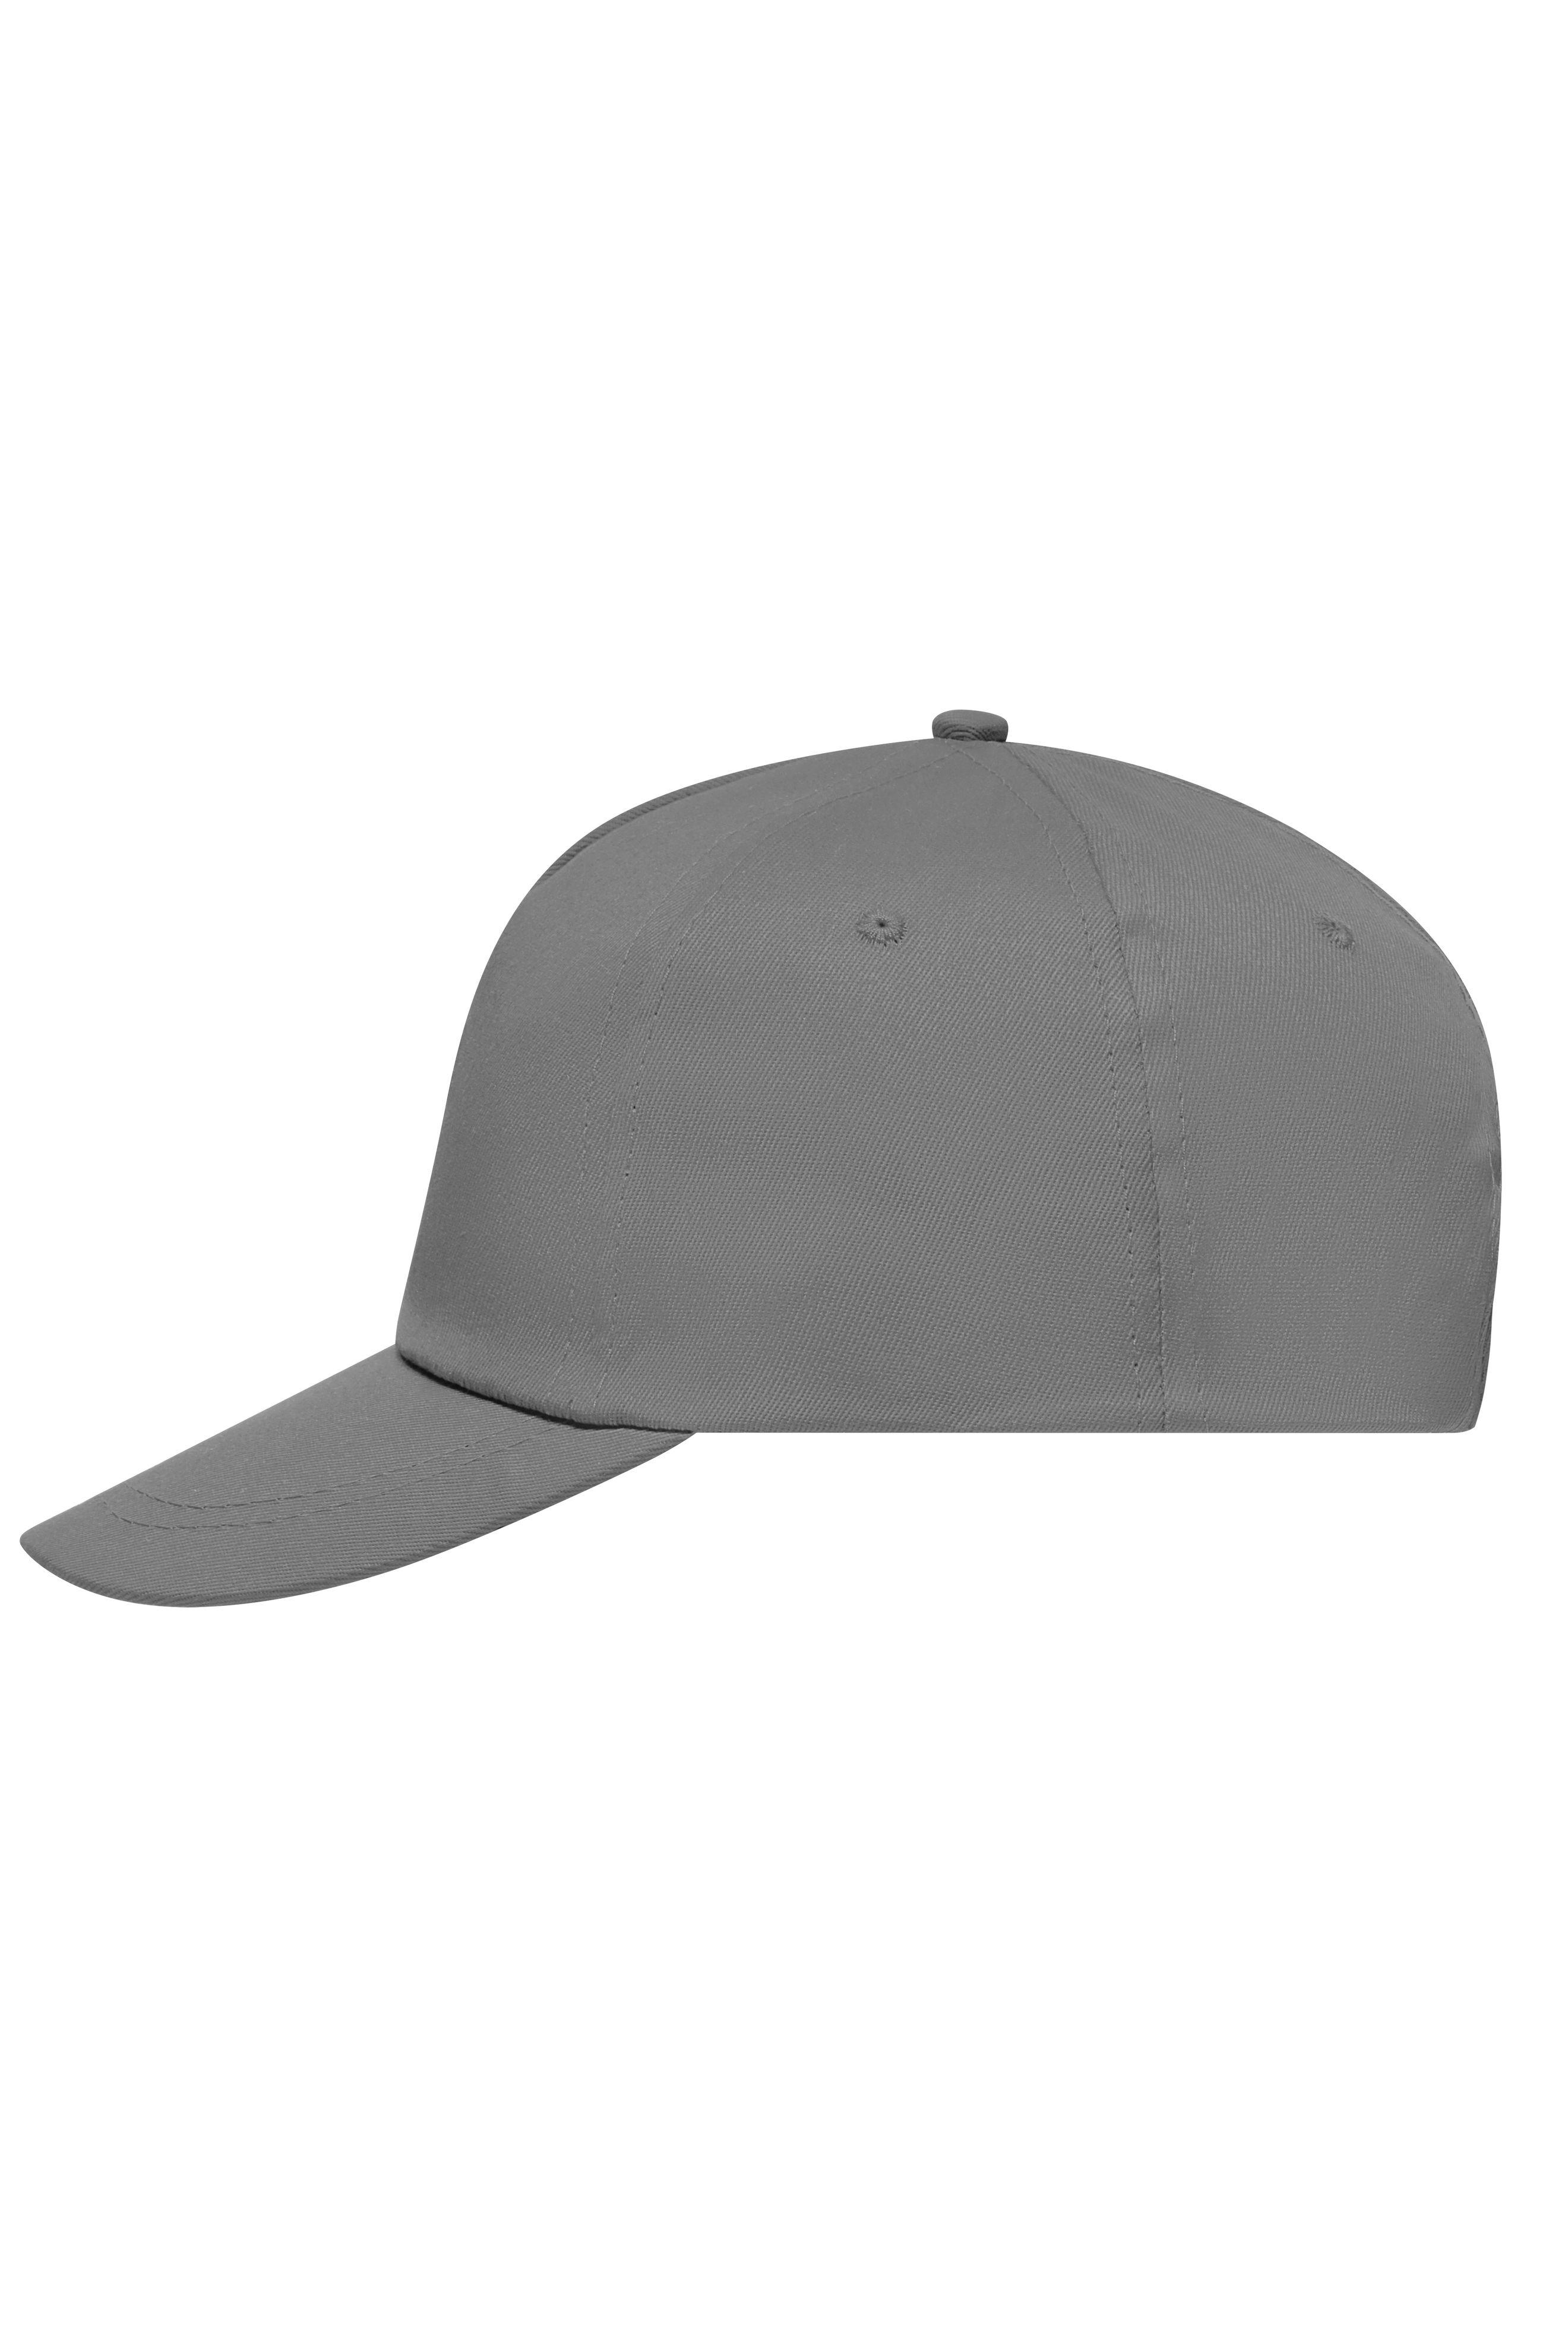 Promo Cap mit leicht laminiertem Frontpanel